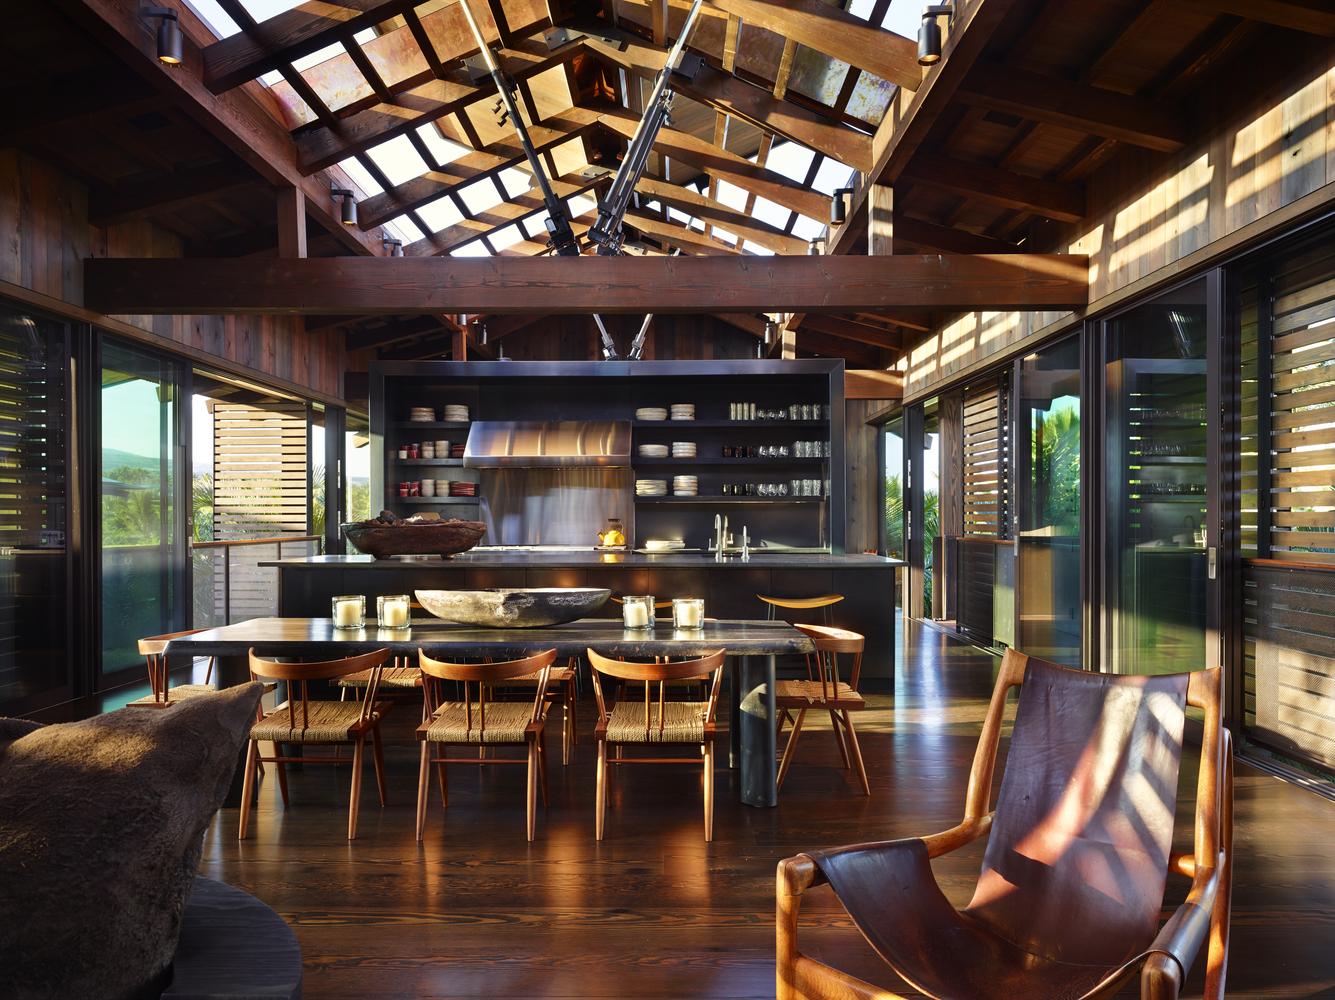 L'obiettiv è quello di imitare gli edifici tipici della Polinesia / Benjamin Benschneider